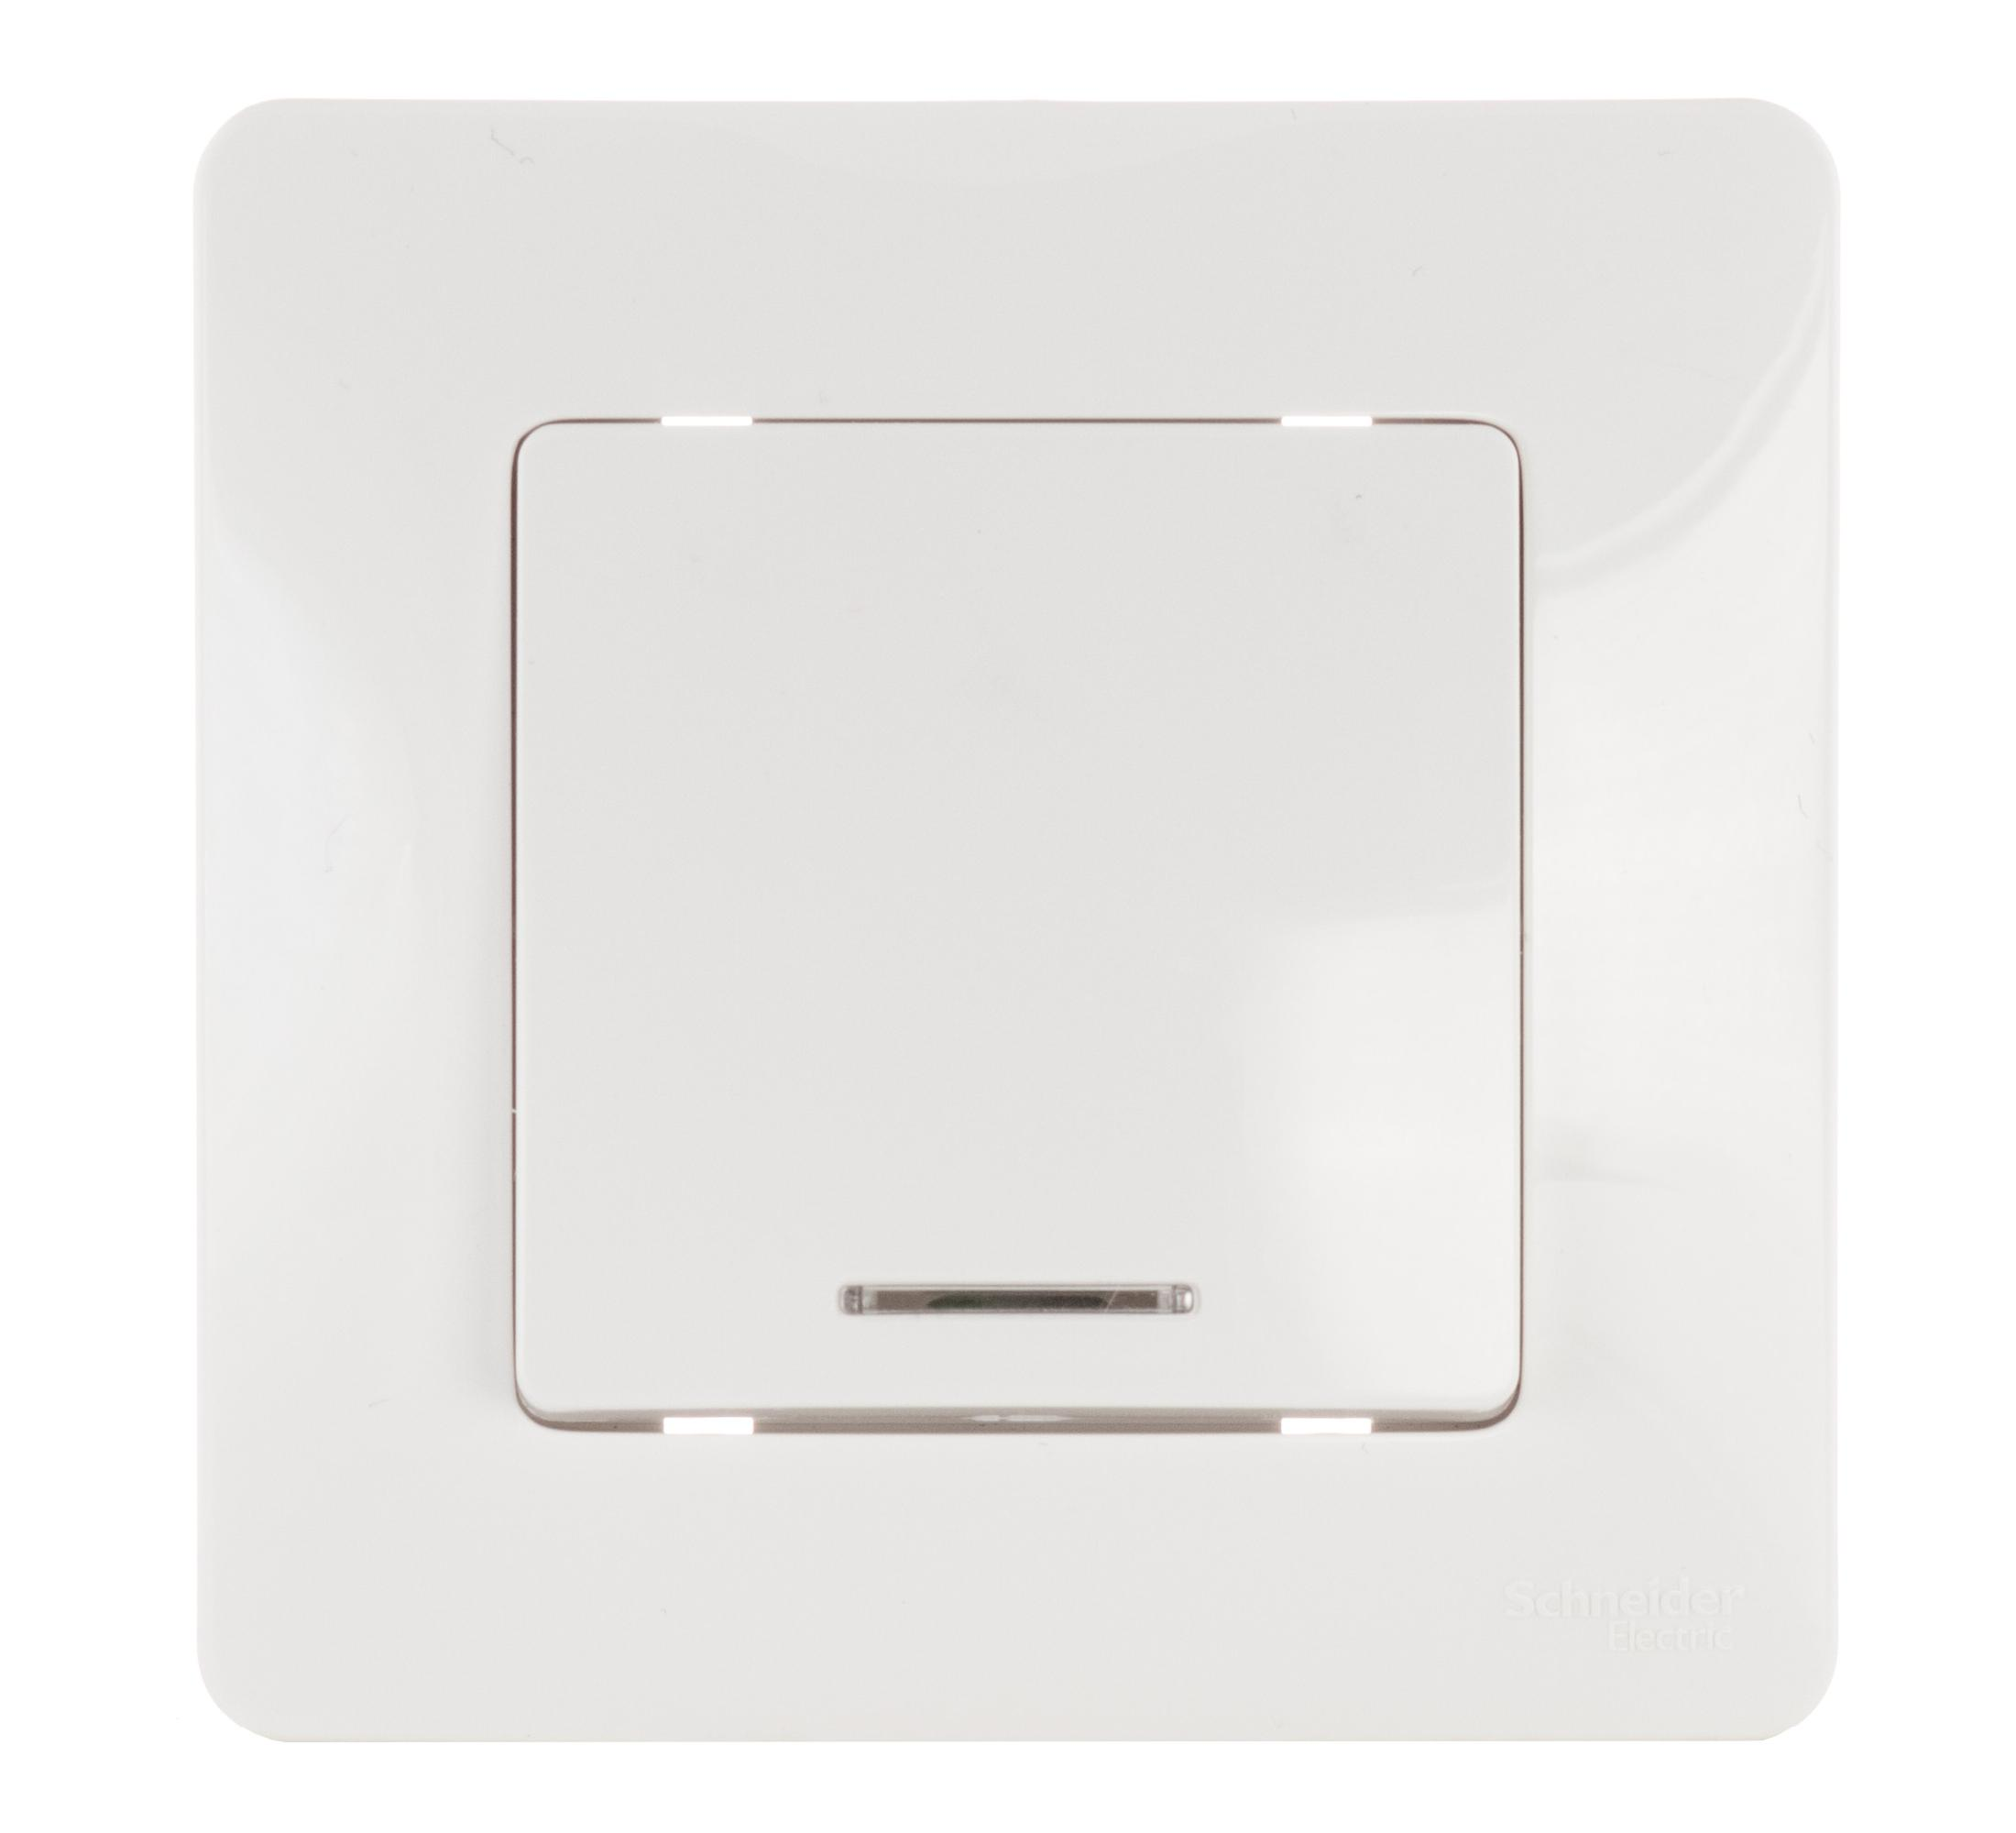 Выключатель Schneider electric Blnvs010112 blanca выключатель schneider electric blnva105014 blanca